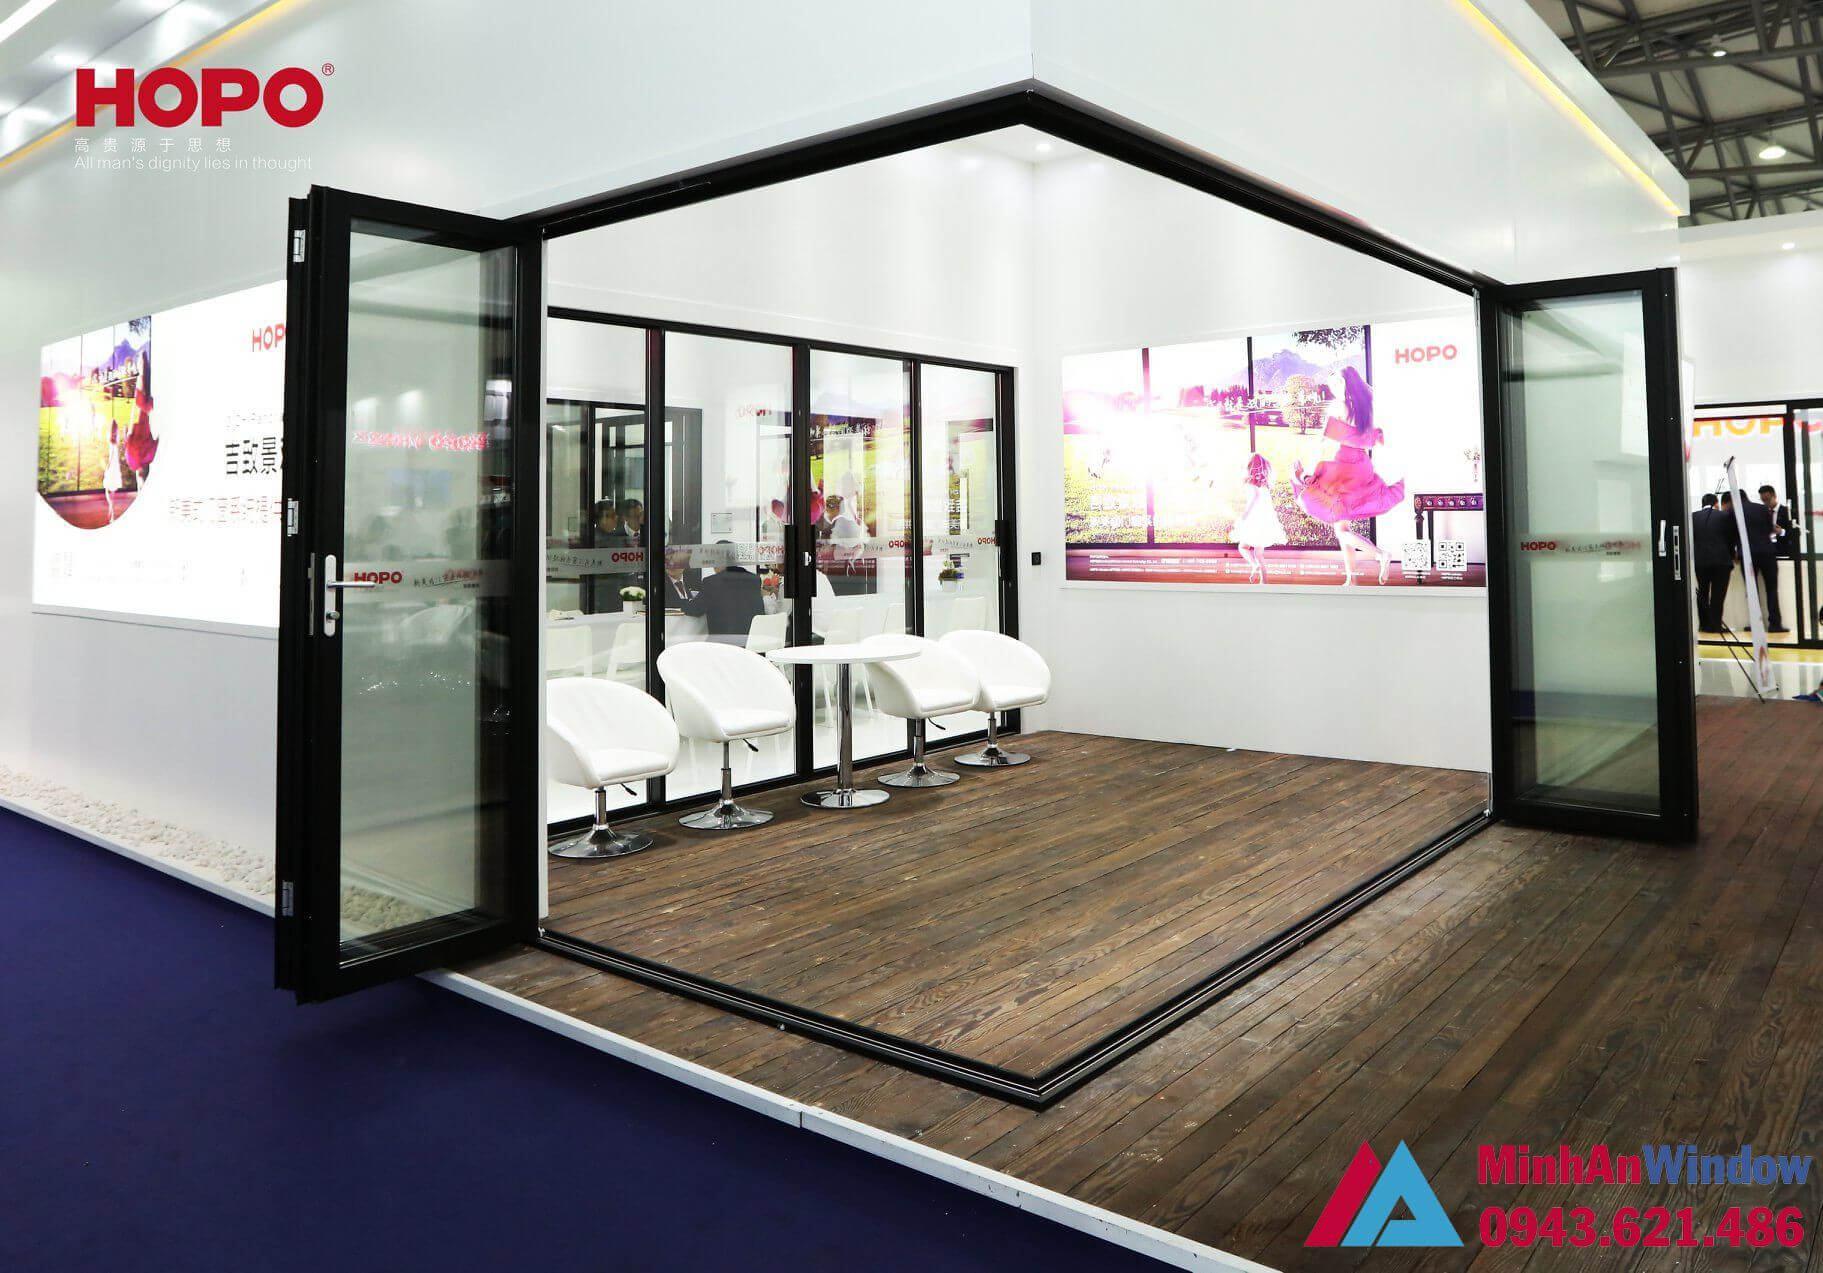 cửa xếp gấp trượt góc vuông tạo không gian phòng thoáng nâng tầm phong cách sống